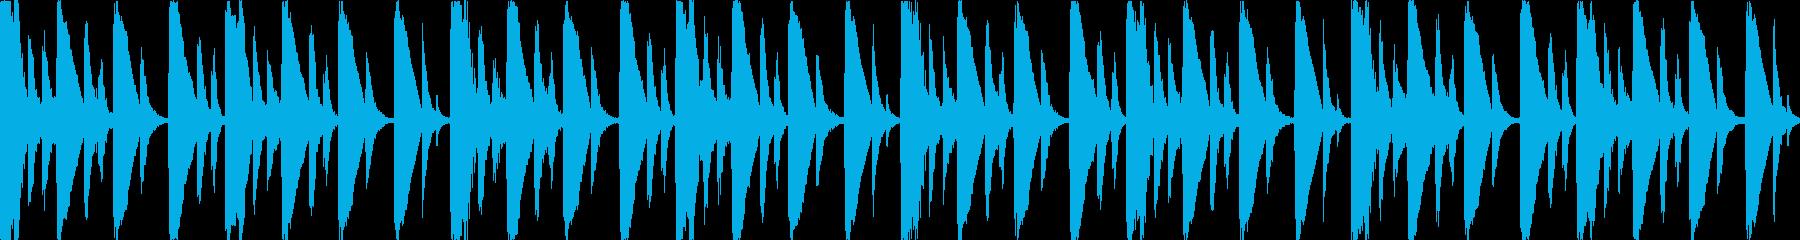 【ループE】浮遊感あるシンセが続くテクノの再生済みの波形